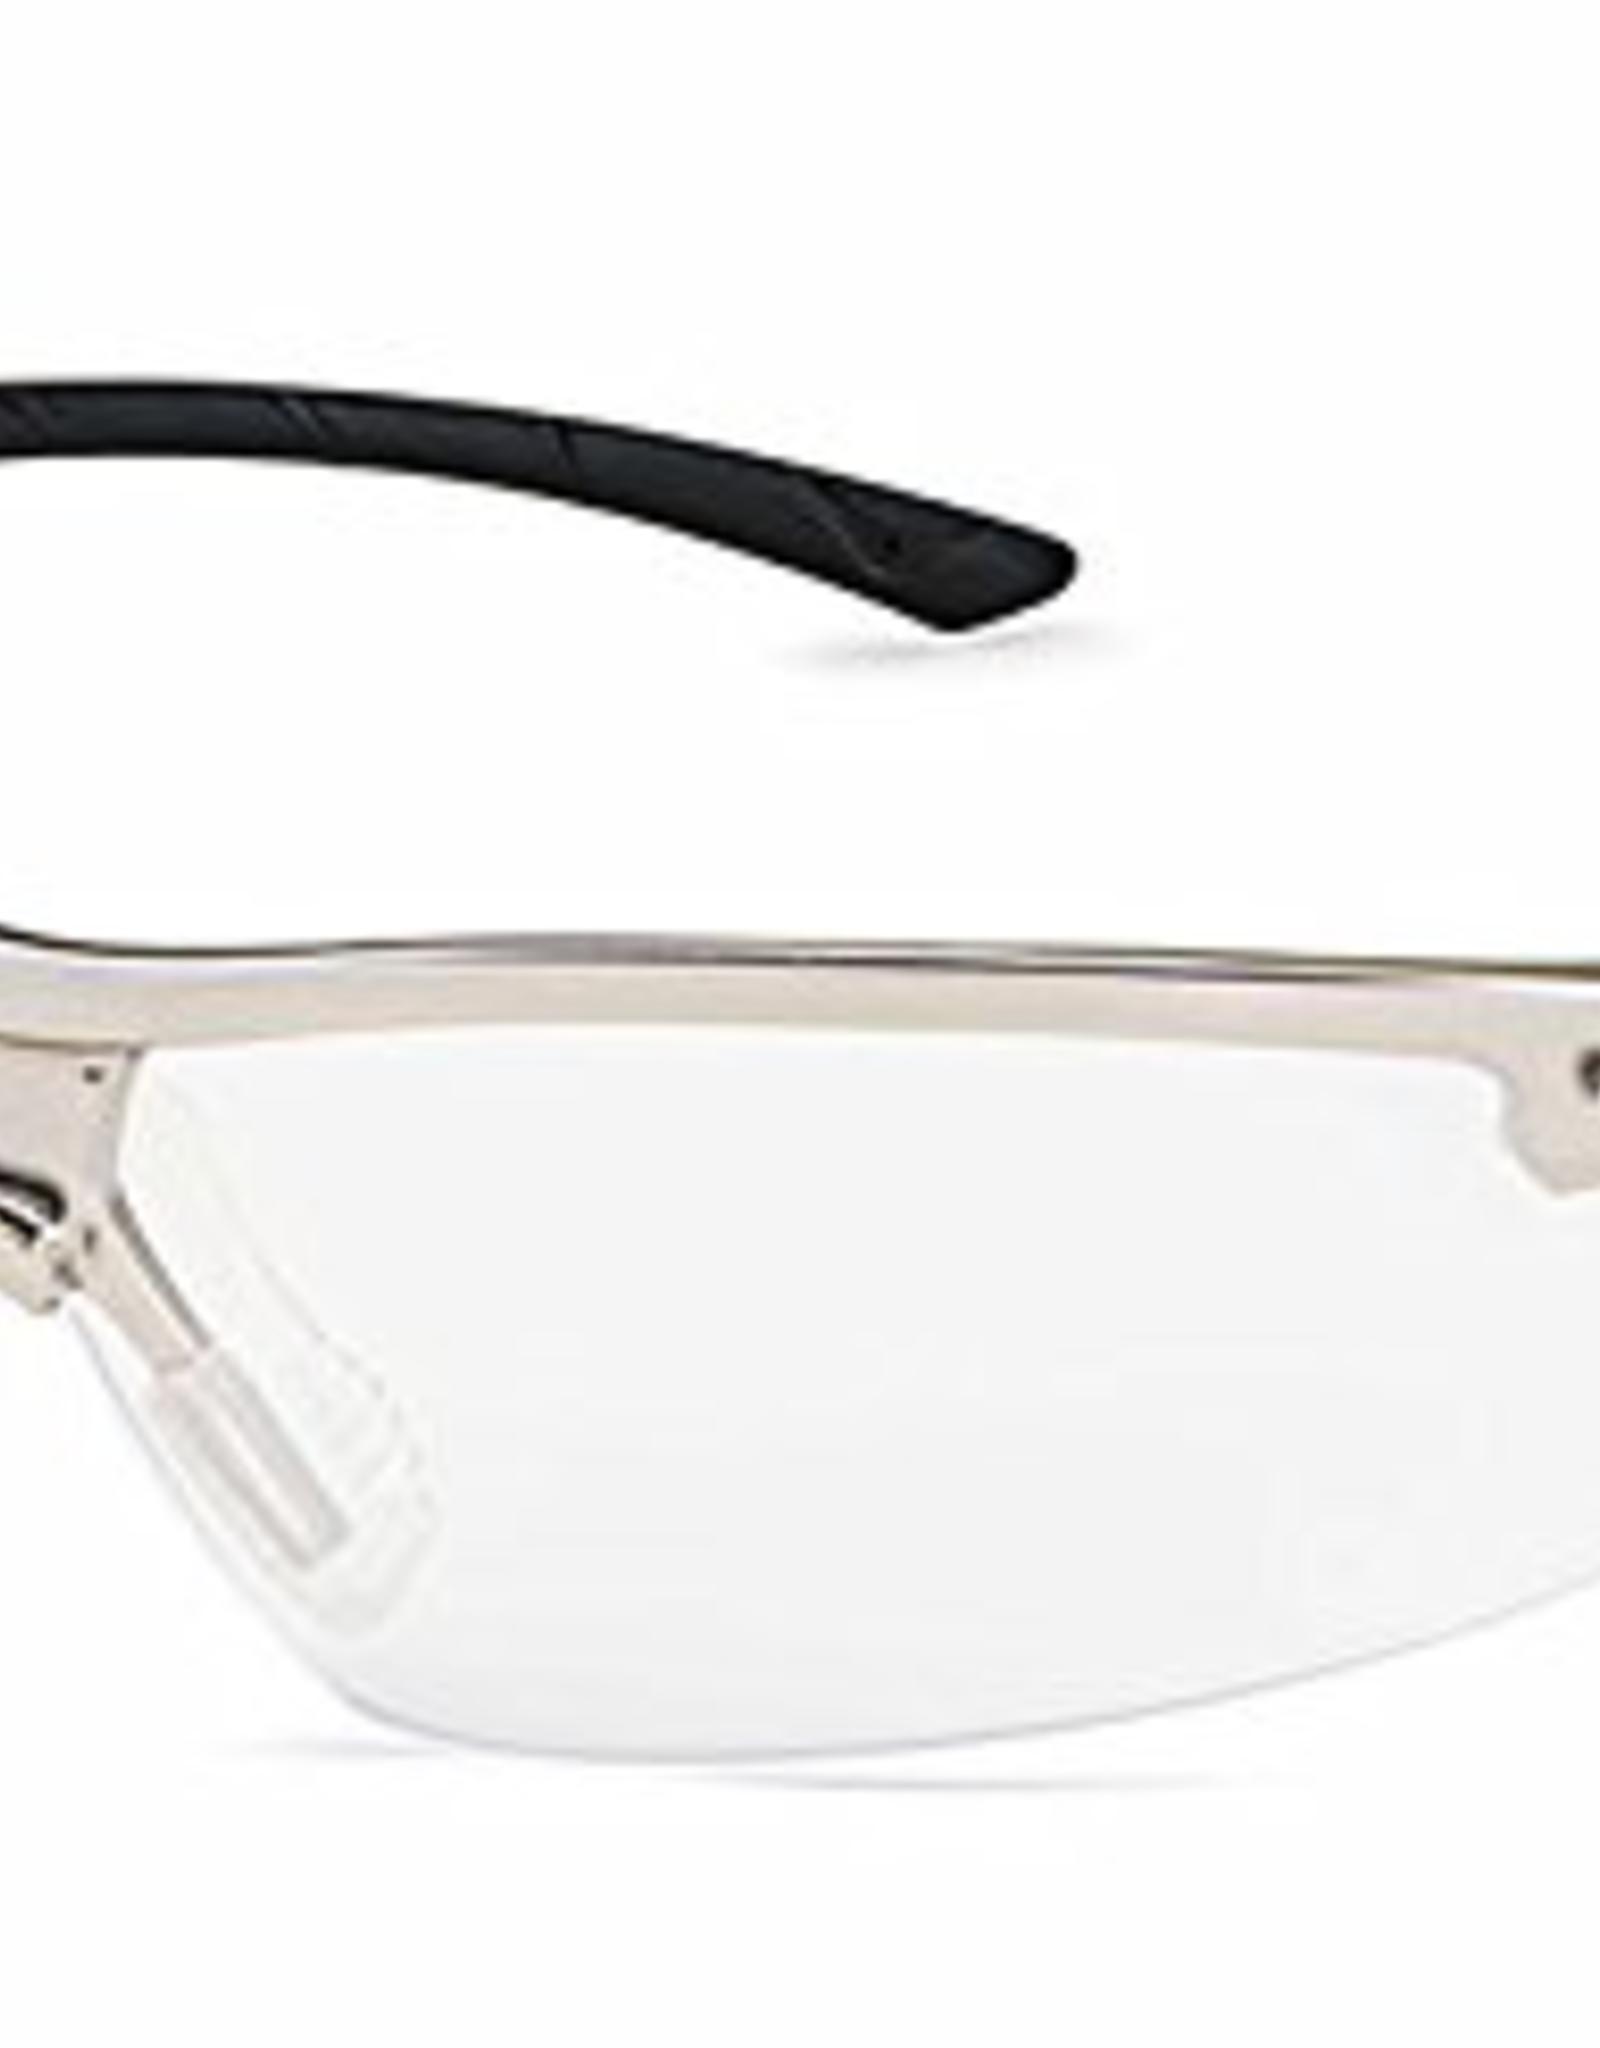 Ingot Safety Glasses